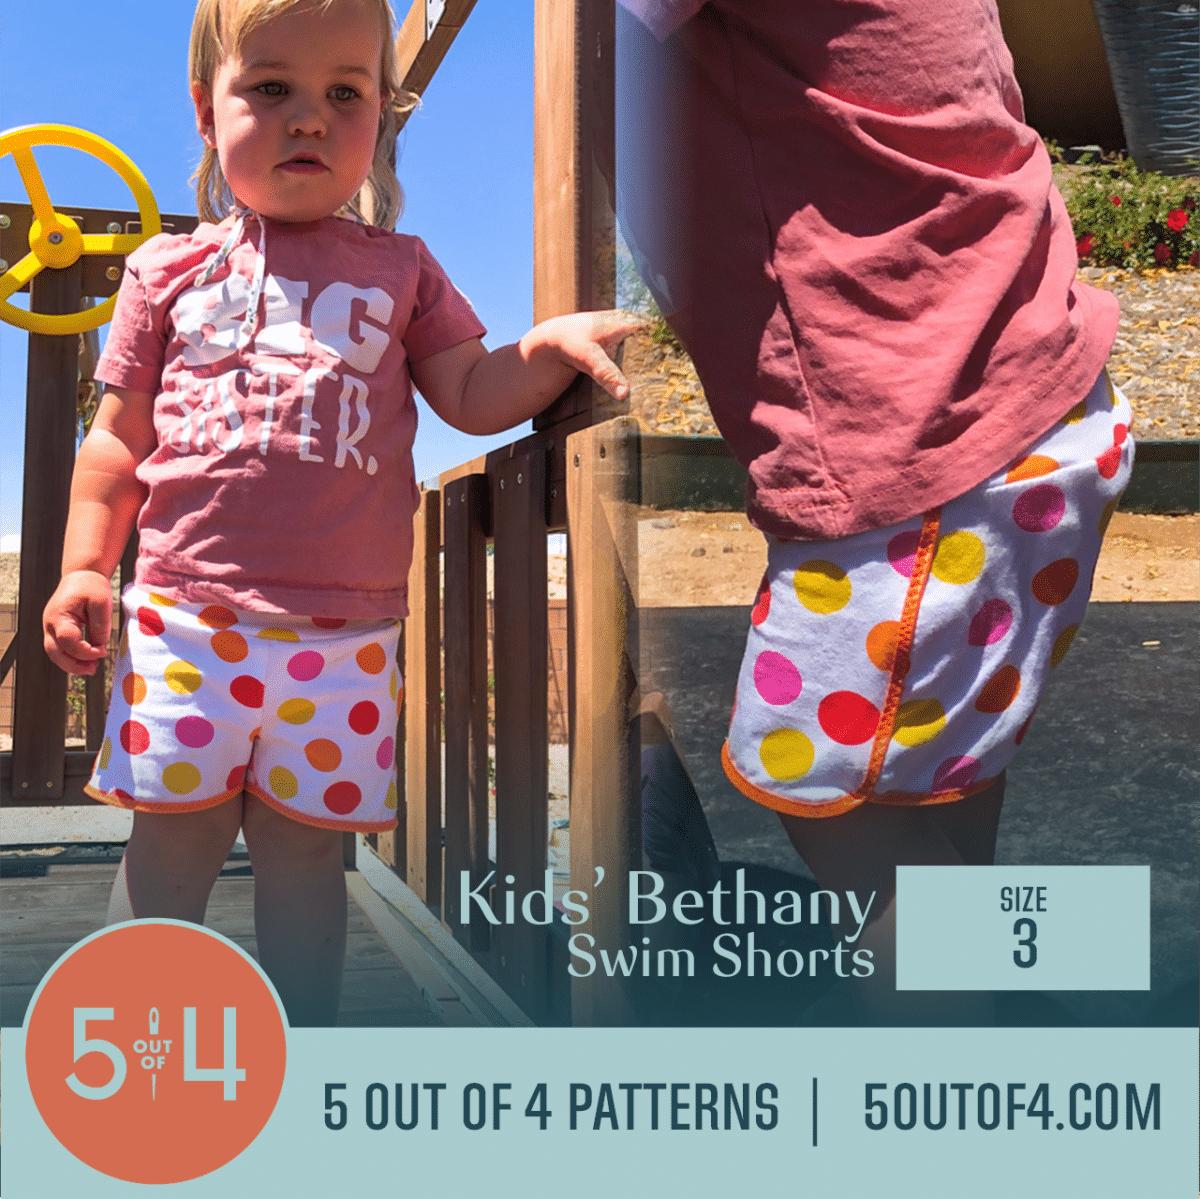 toddler wearing size 3 swim shorts